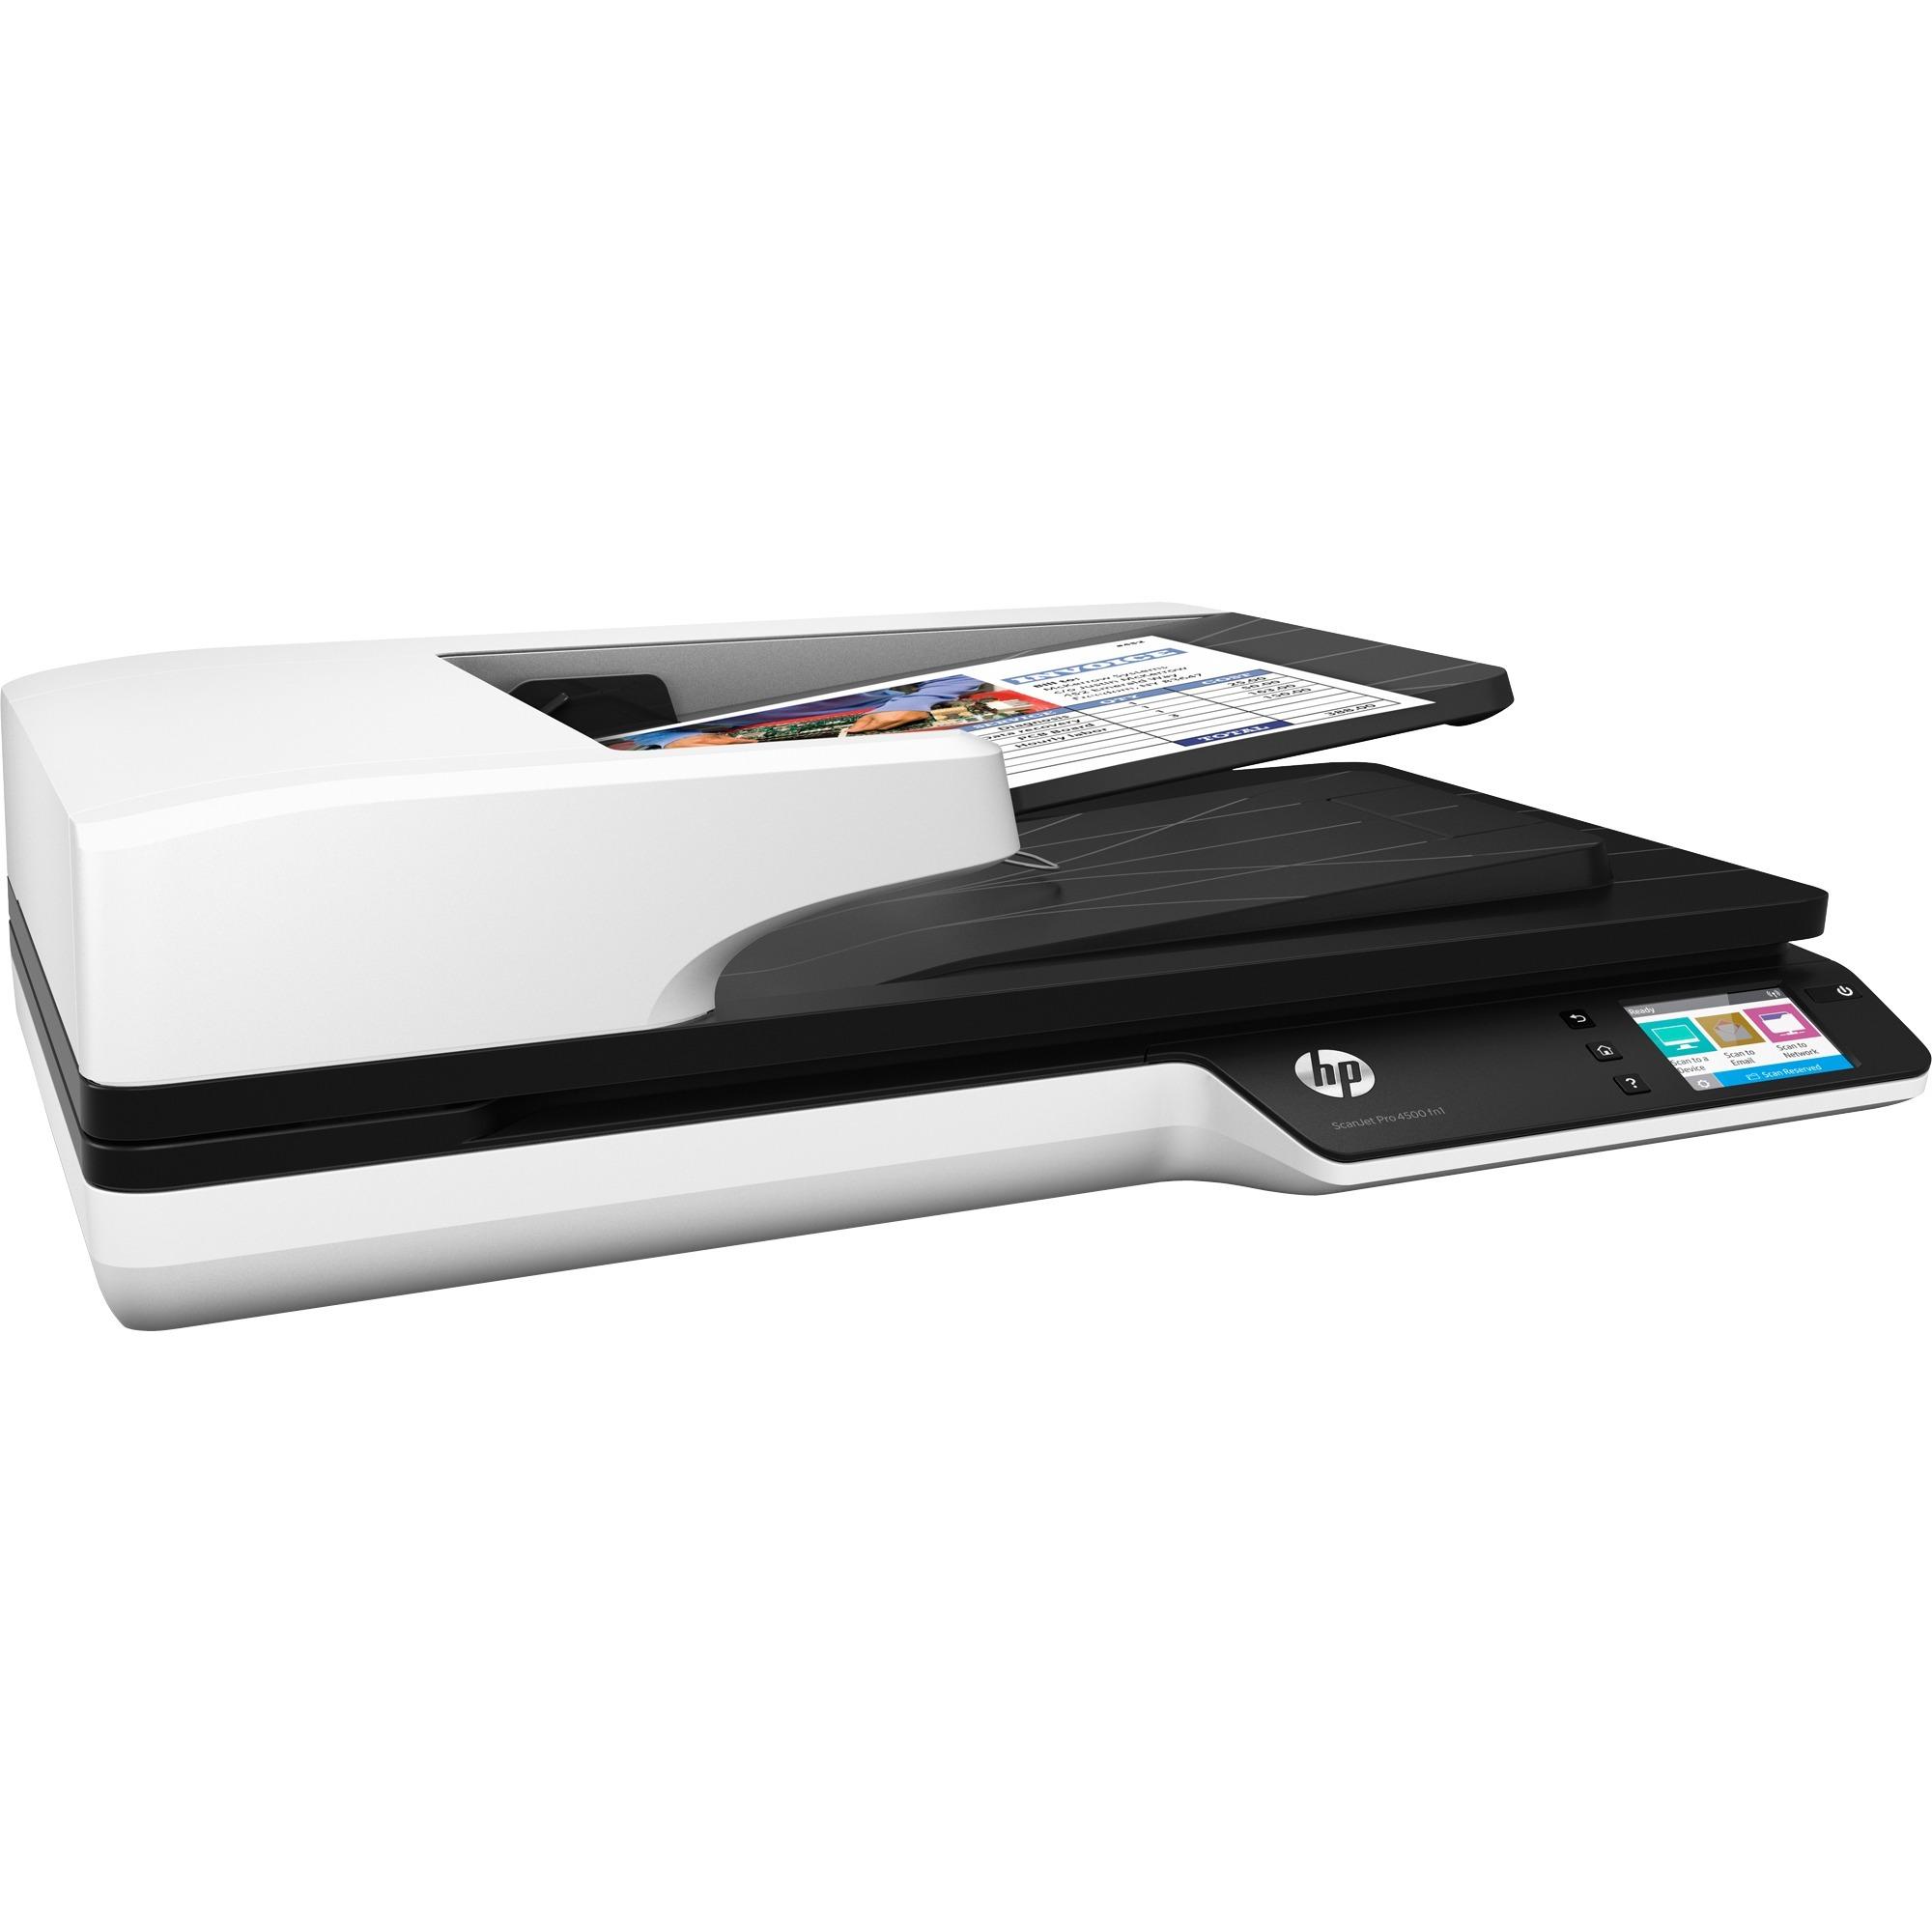 Scanjet Scanner réseau Pro 4500 fn1, Scanner à plat